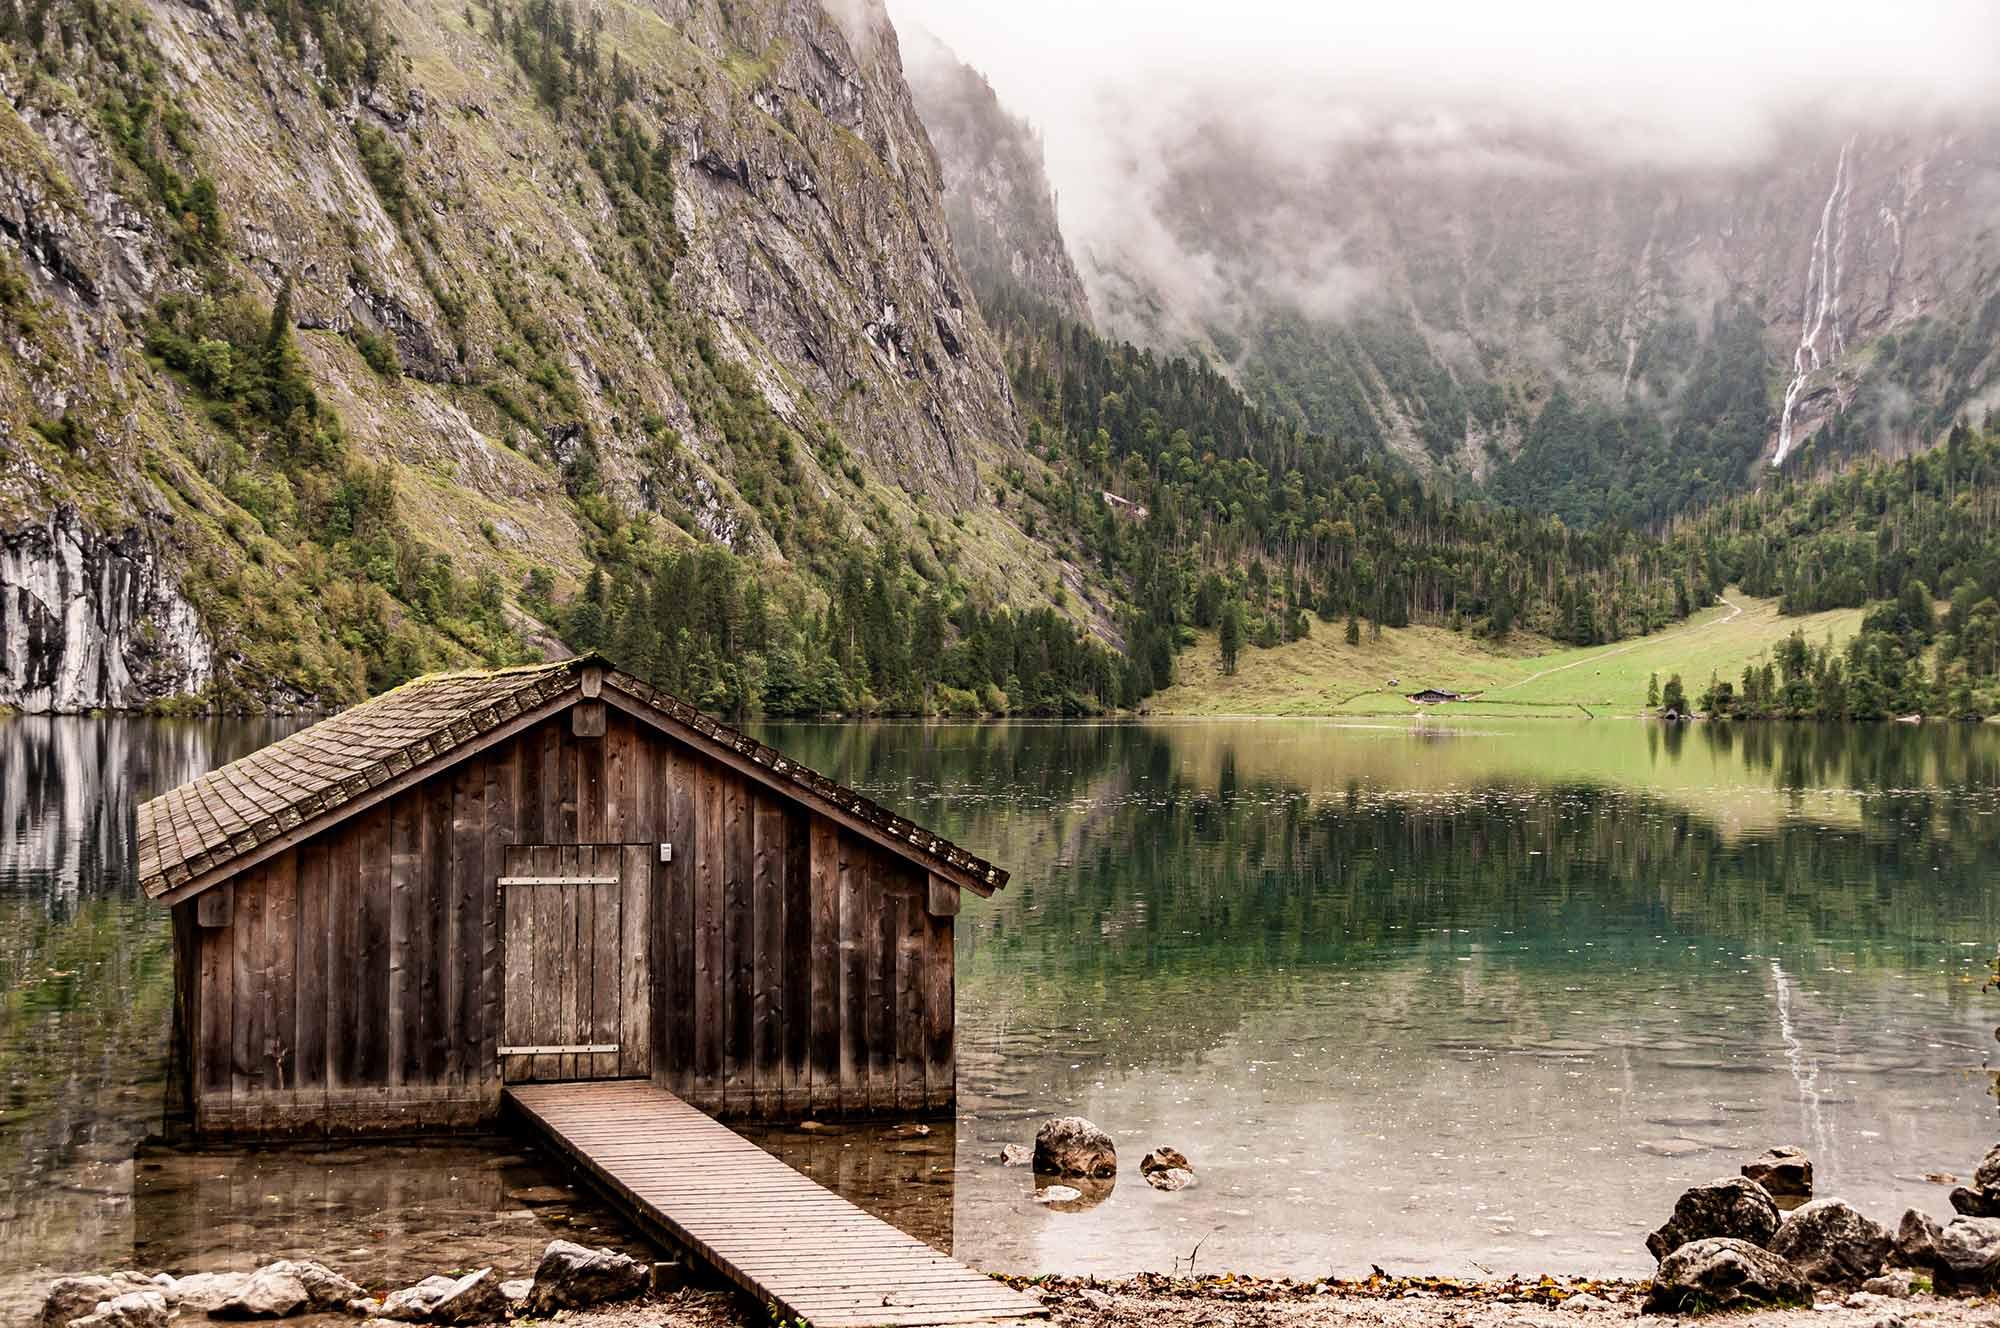 Im Bild zu sehen: das deutsche Bundesland Bayern